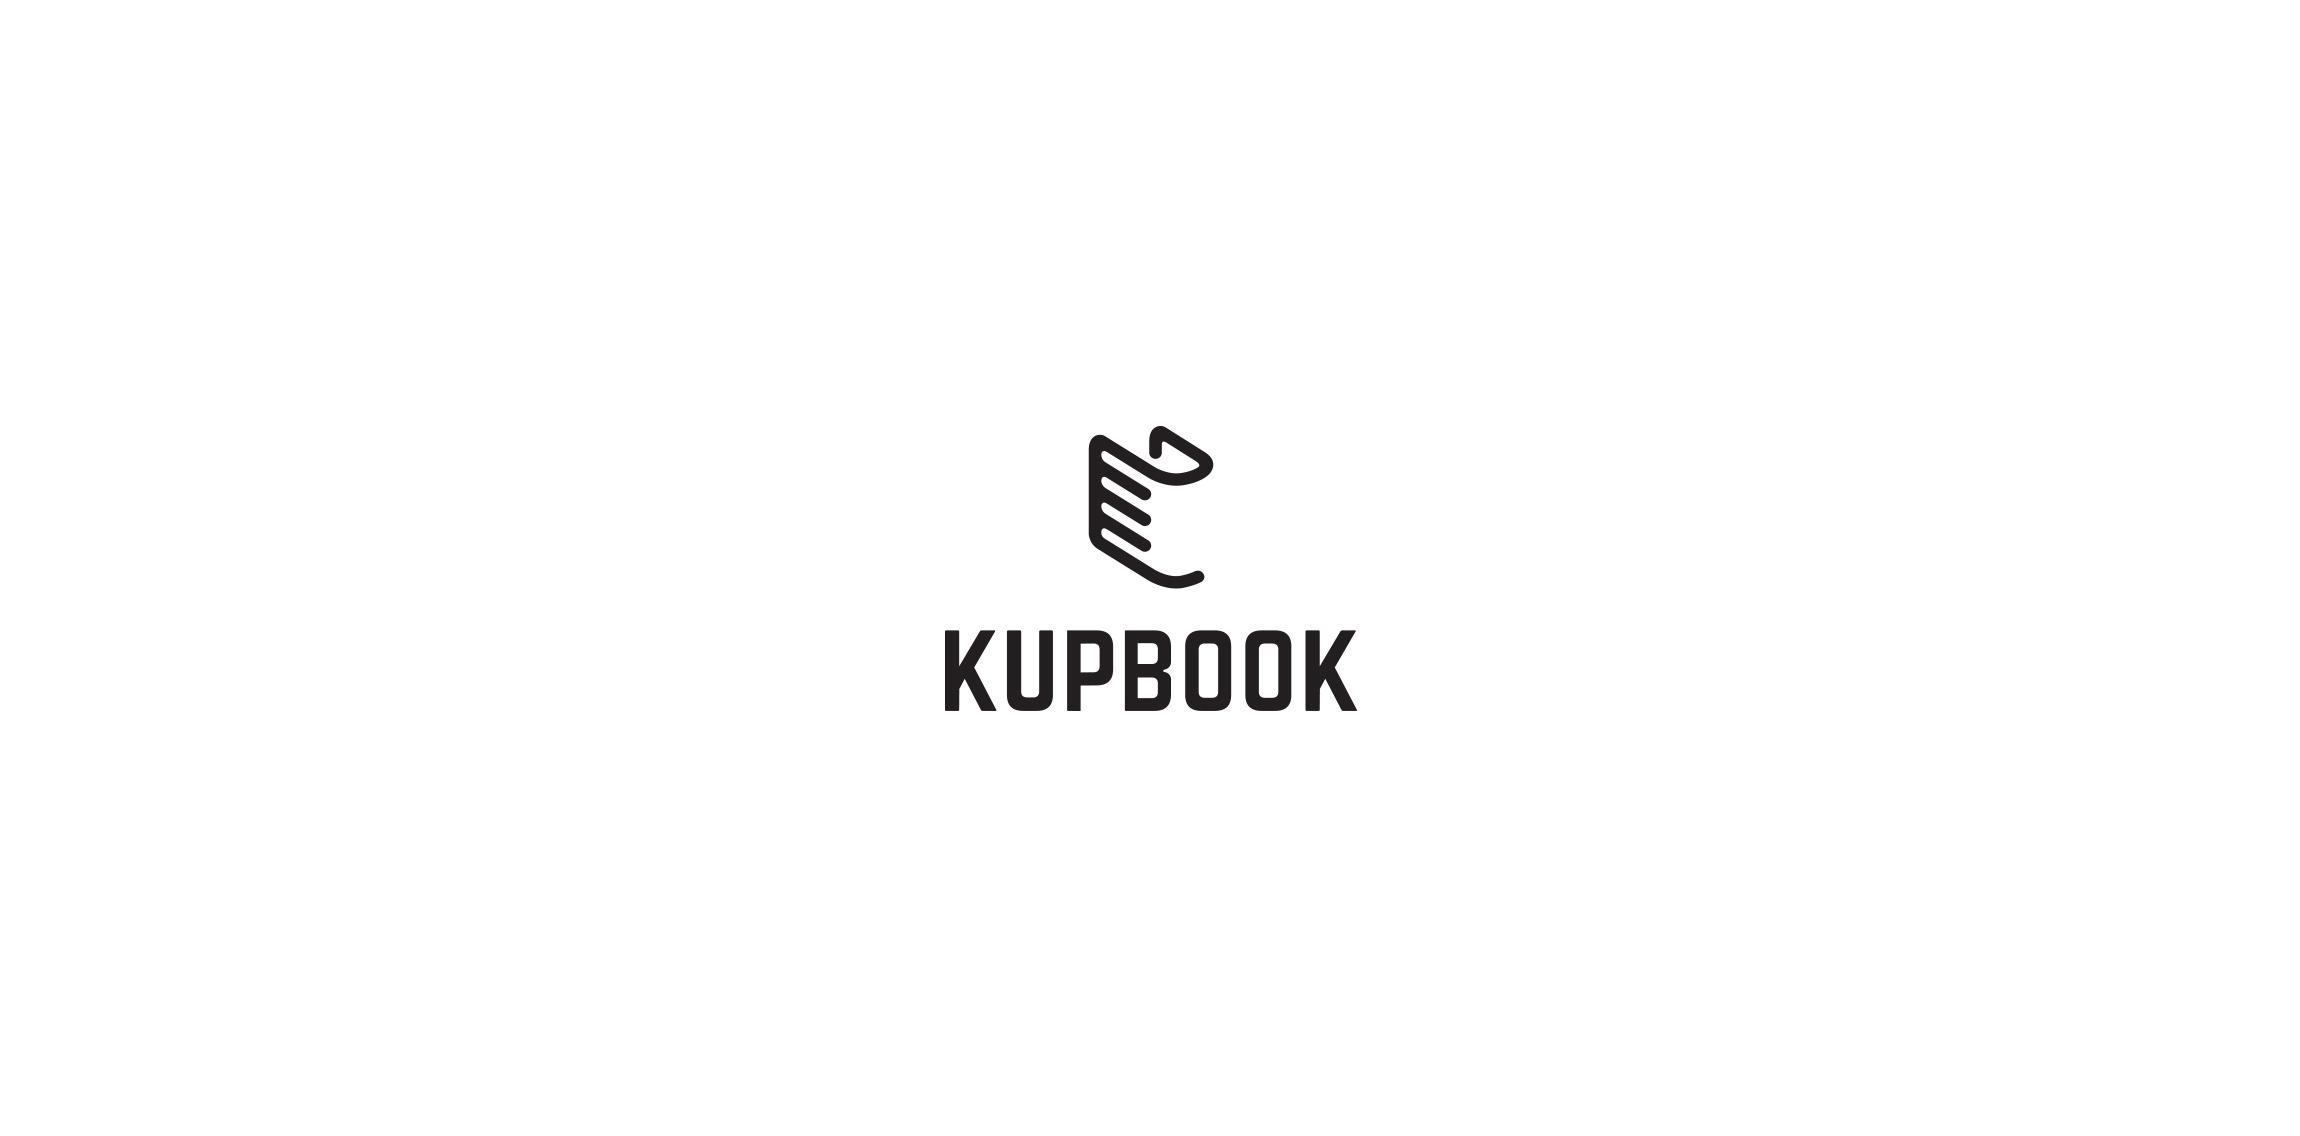 Kupbook